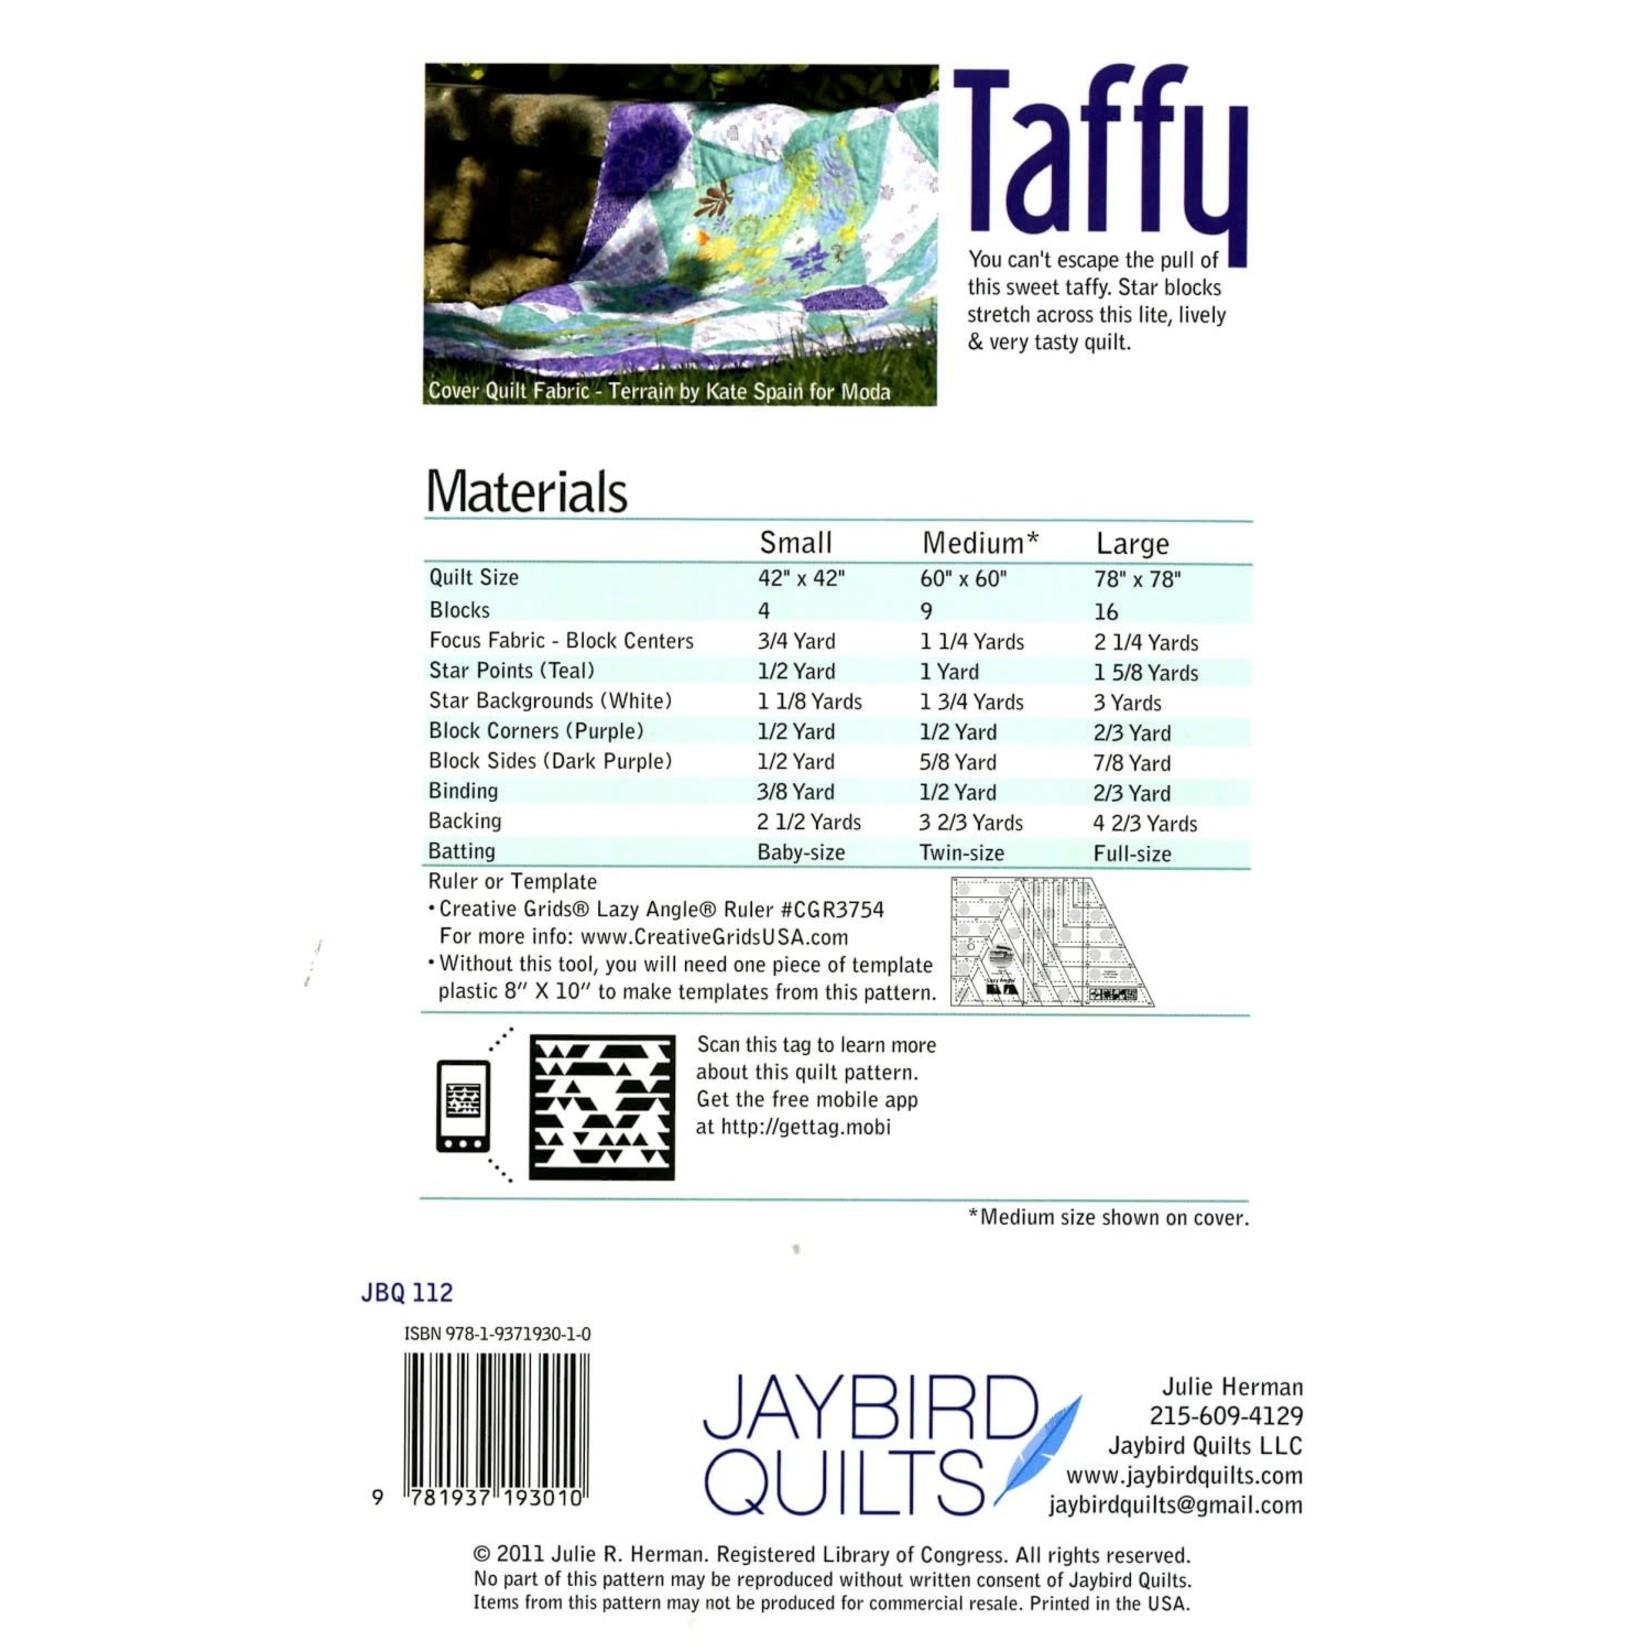 Jaybird Quilts Taffy Quilt Pattern